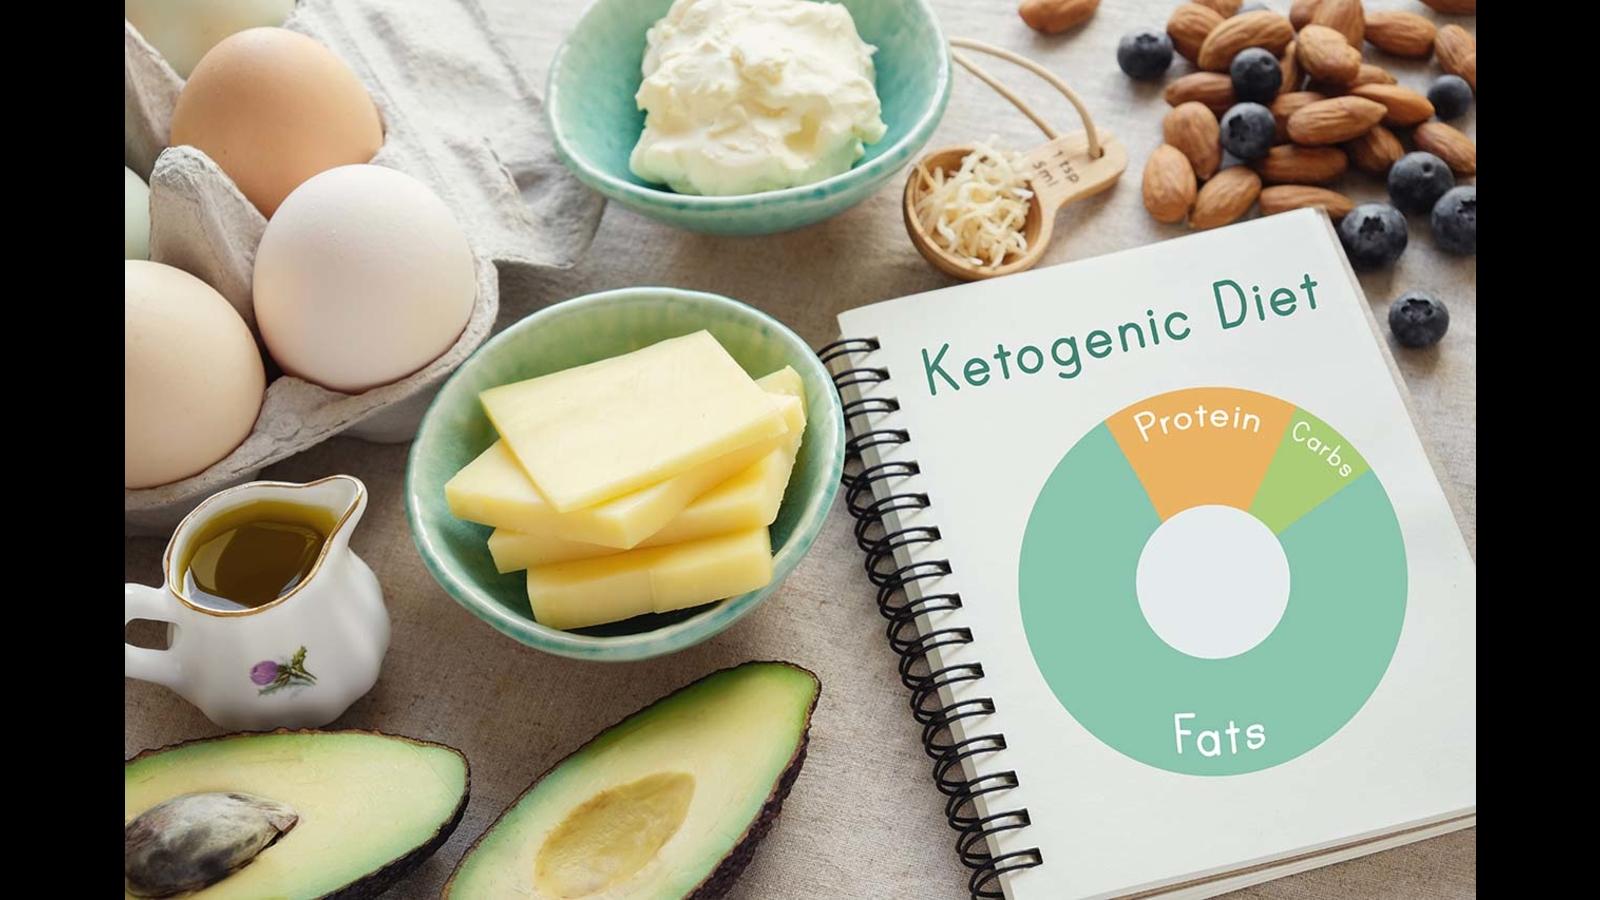 ketogenic diet registered dietitian